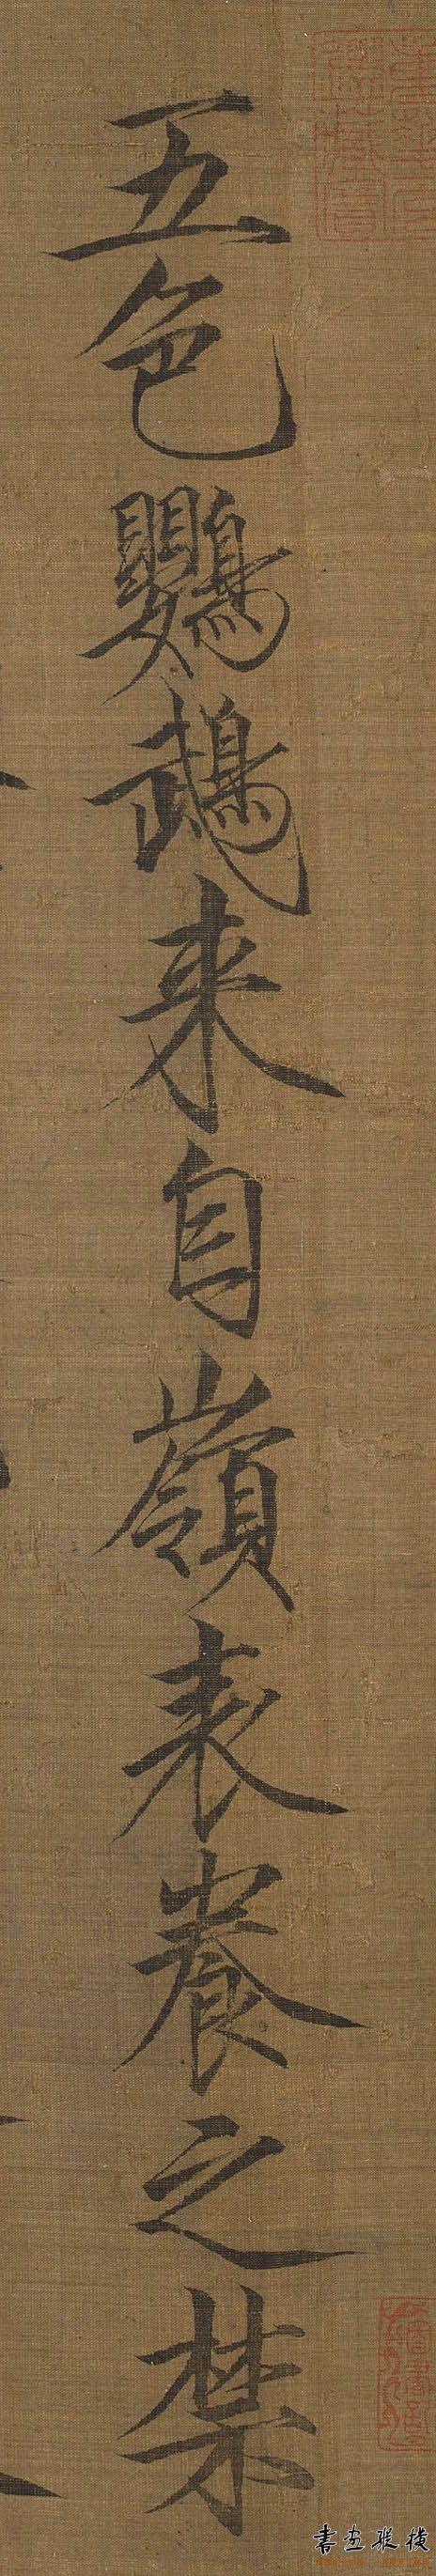 宋 赵佶 题《五色鹦鹉图》 局部